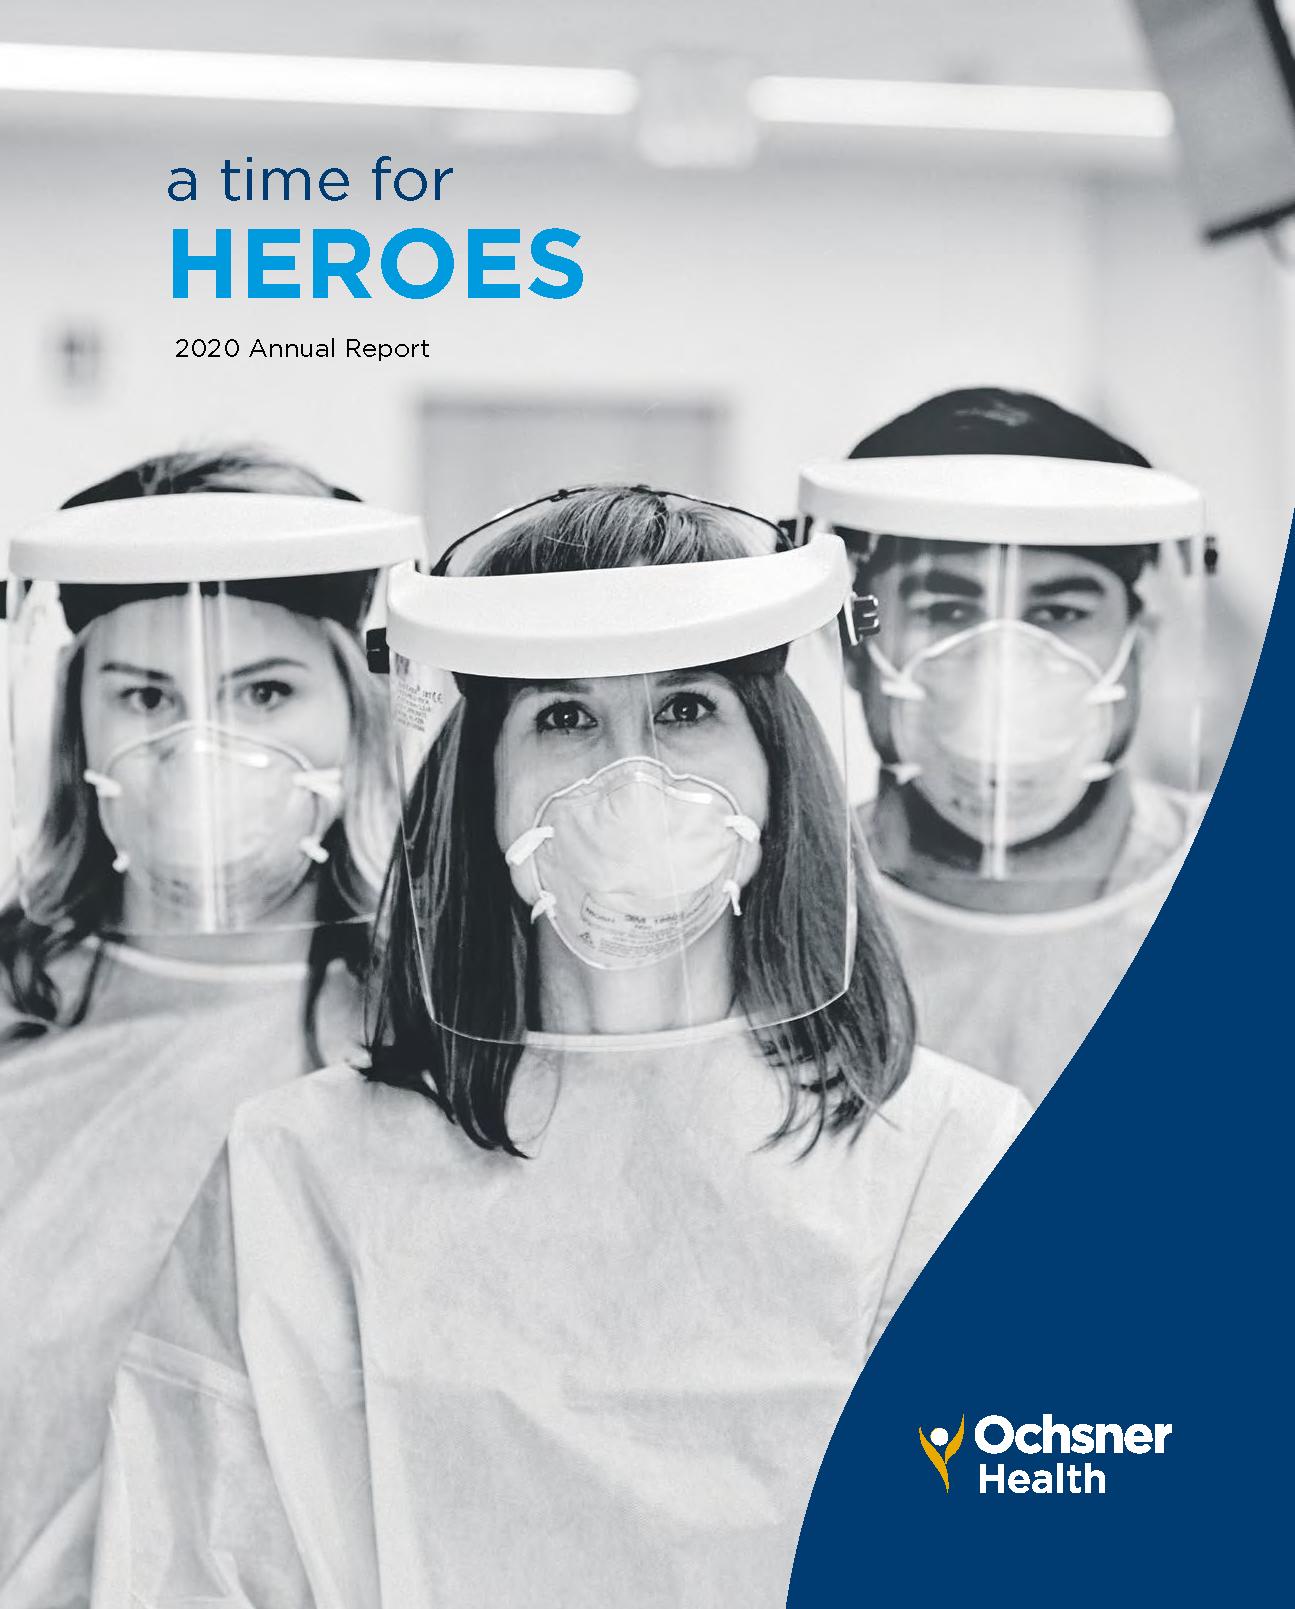 2020 Ochsner Health Annual Report